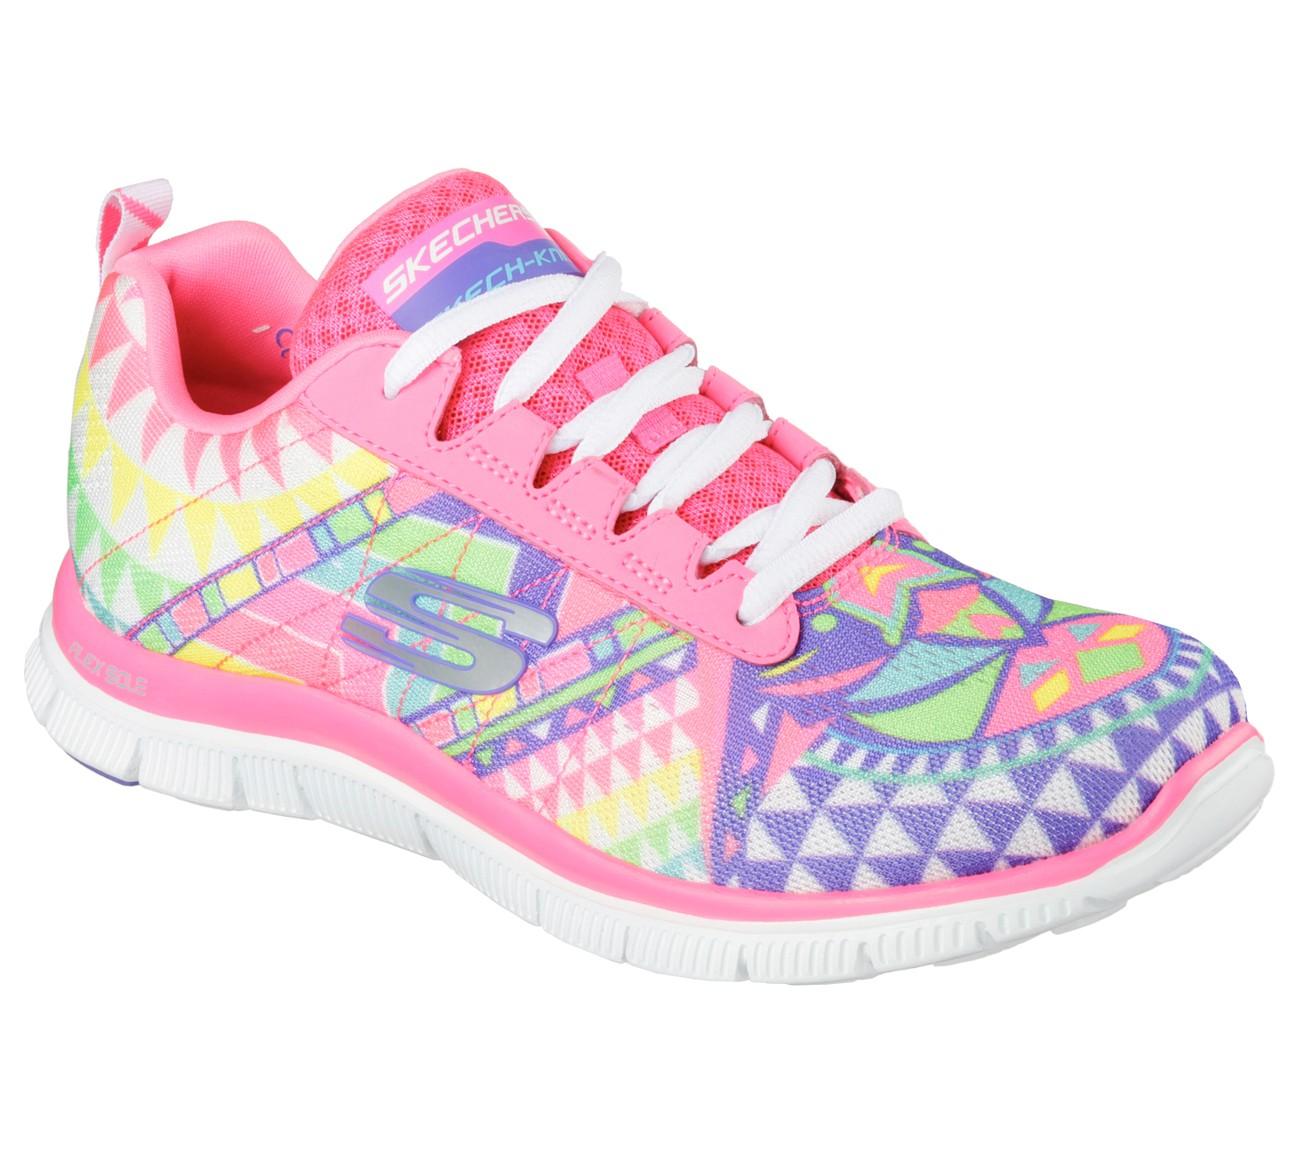 Skechers Bayan Yürüyüş Ayakkabısı Modelleri-Ayakkabı Modelleri (3)